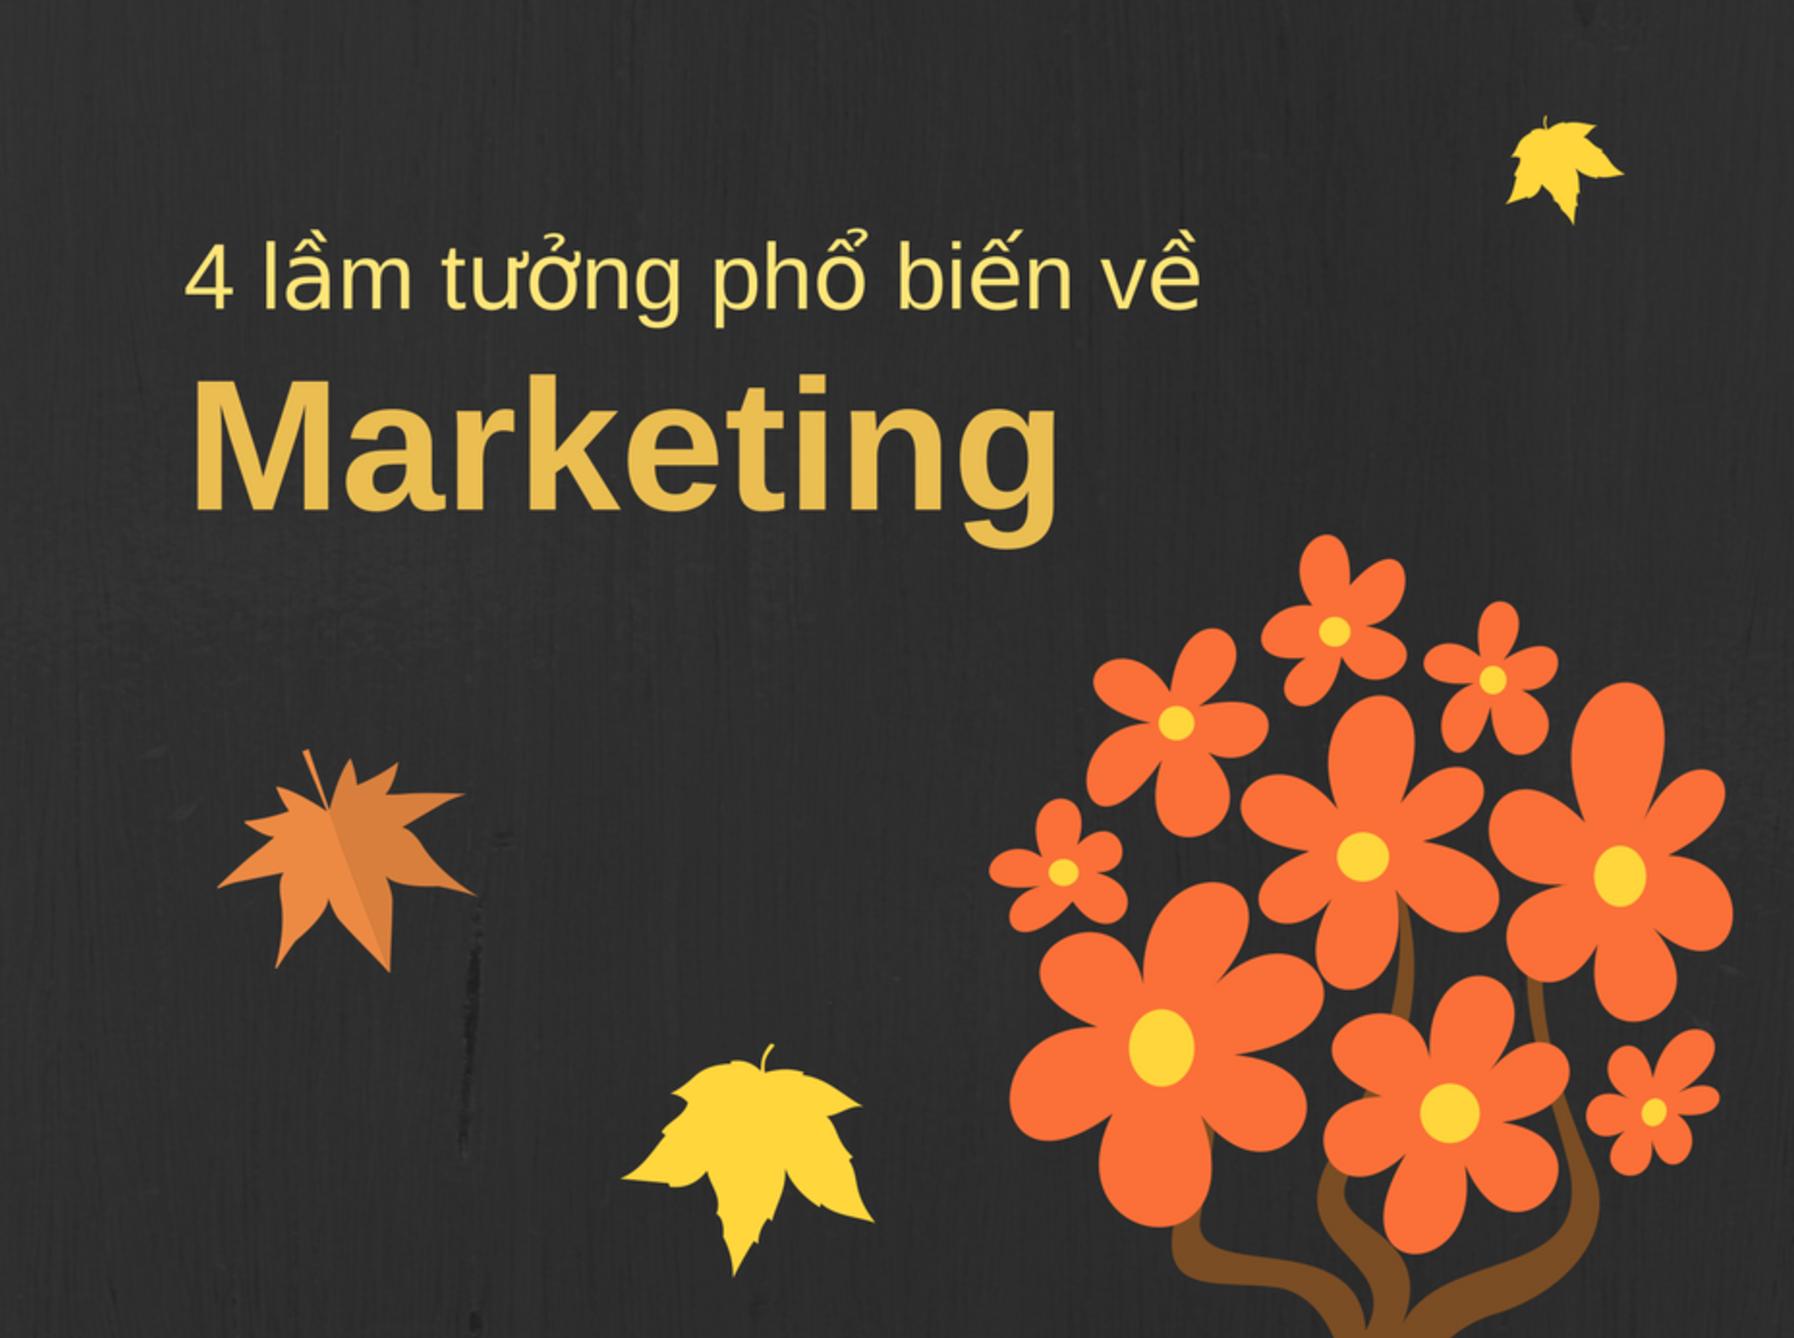 4 lầm tưởng phổ biến về Marketing